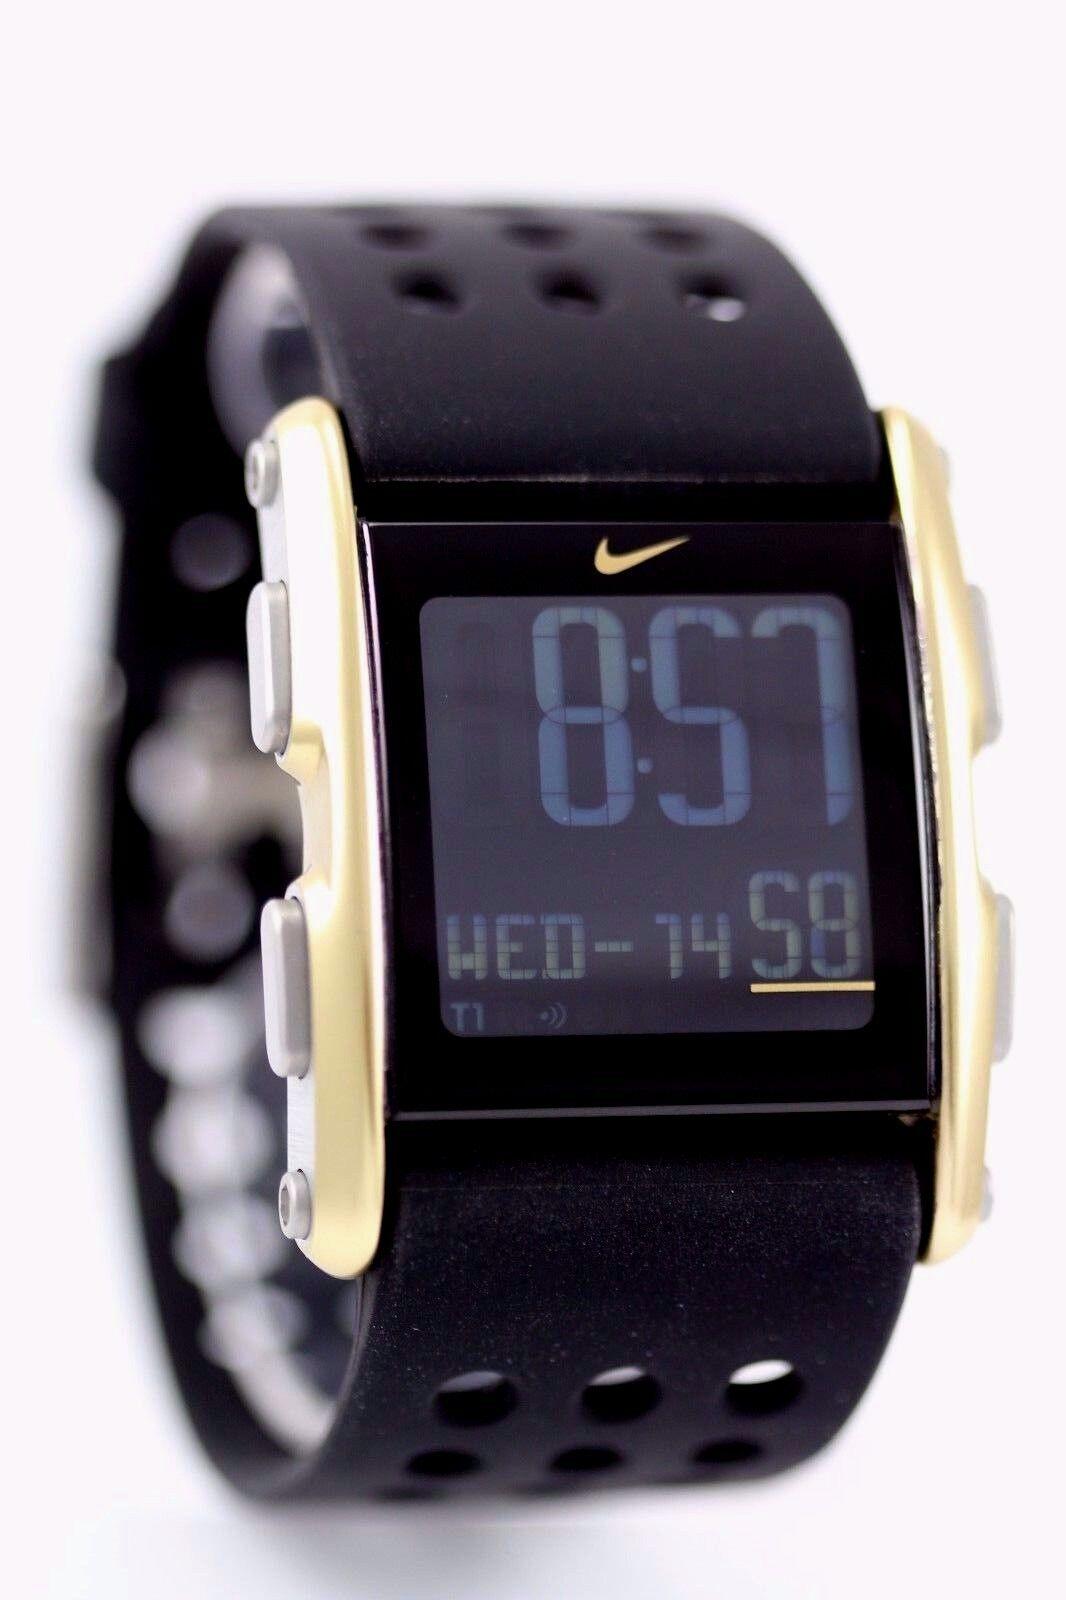 74157443 Купить Наручные часы Nike Torque WC0067-079 wc0067/079 в интернет ...